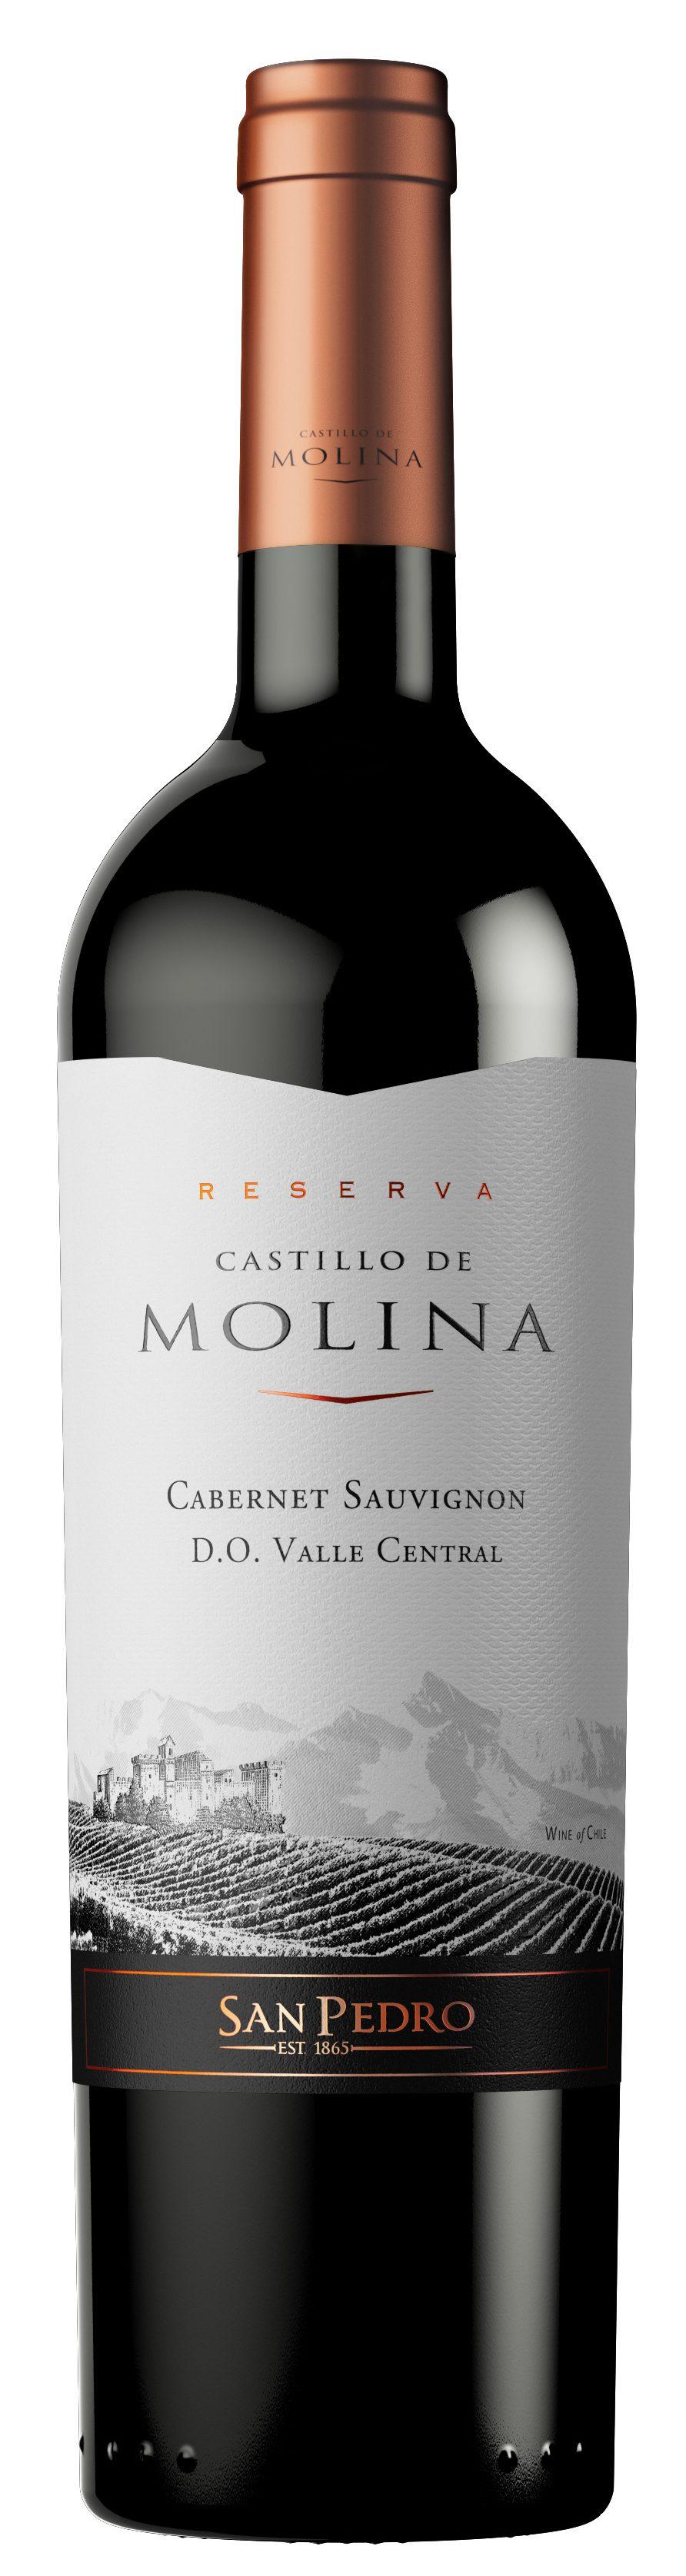 Castilo de Molina Cabernet Sauvignon Reserva